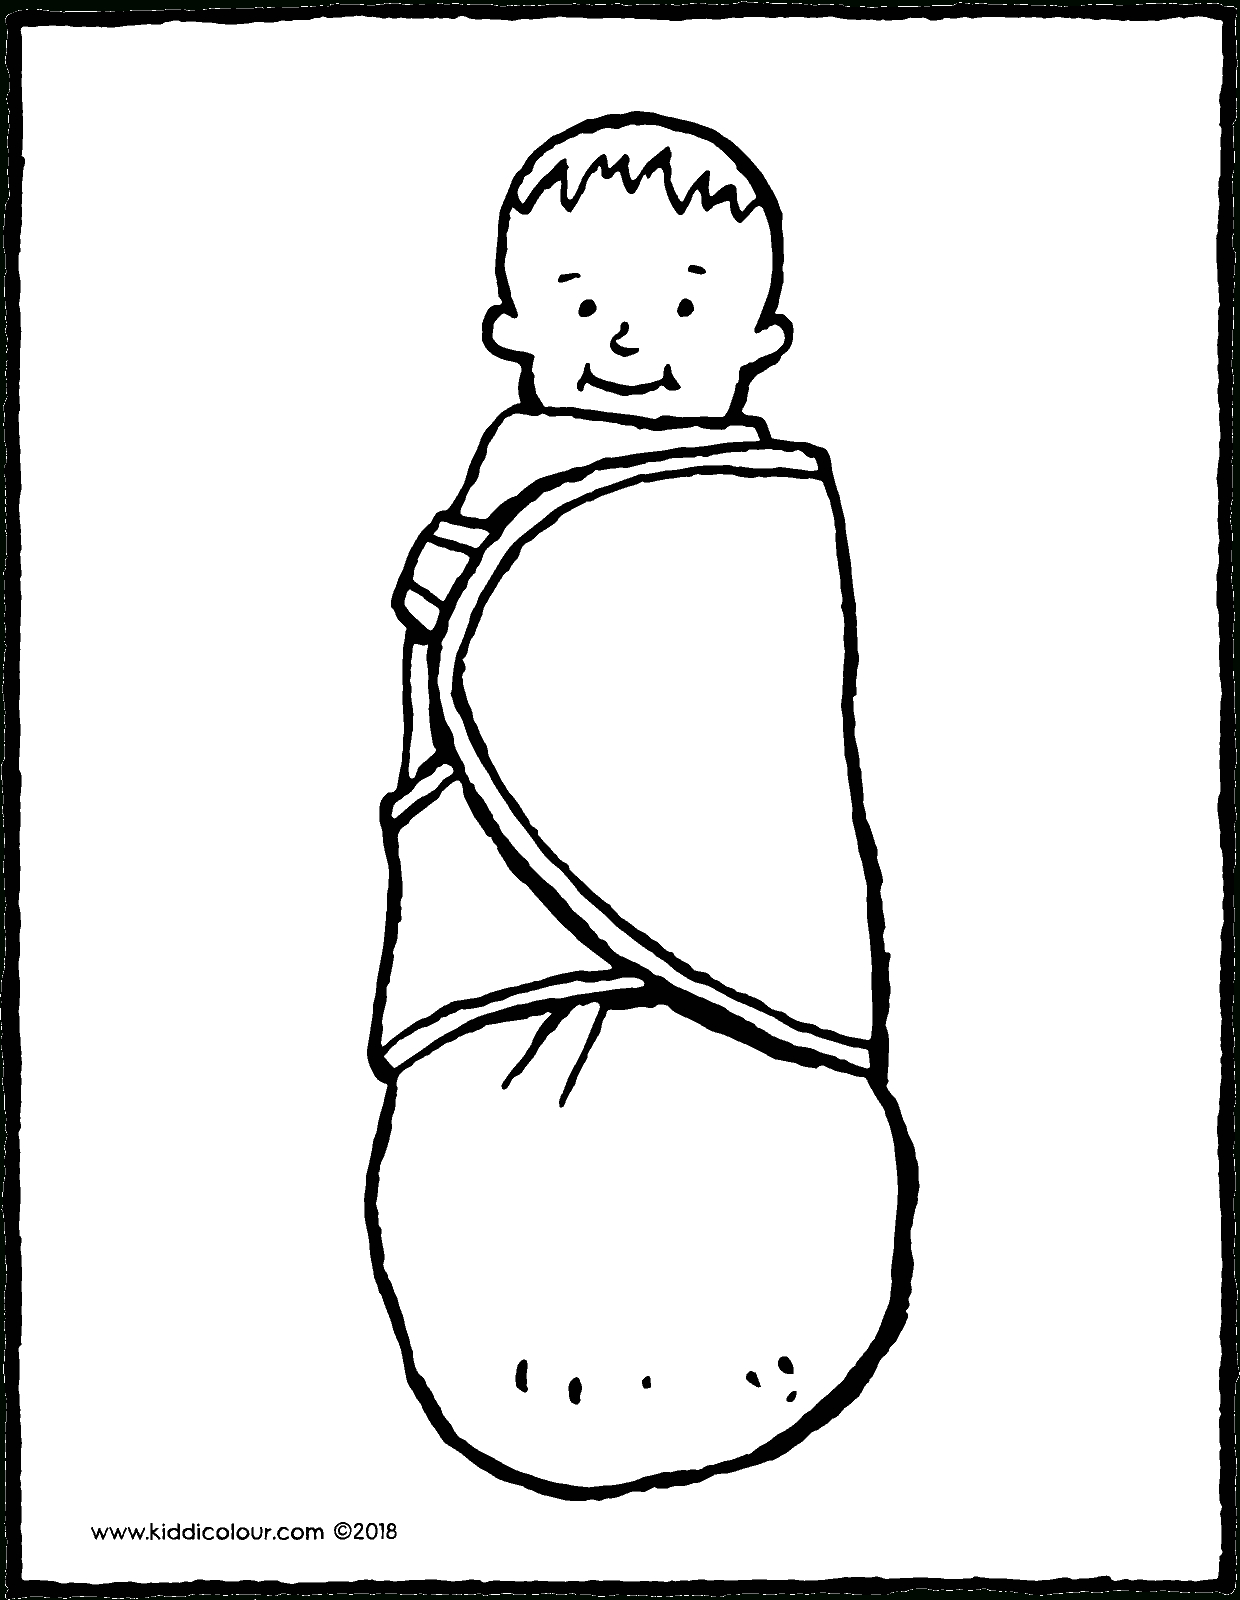 Bébé Emmailloté - Kiddicoloriage encequiconcerne Dessin Mappemonde